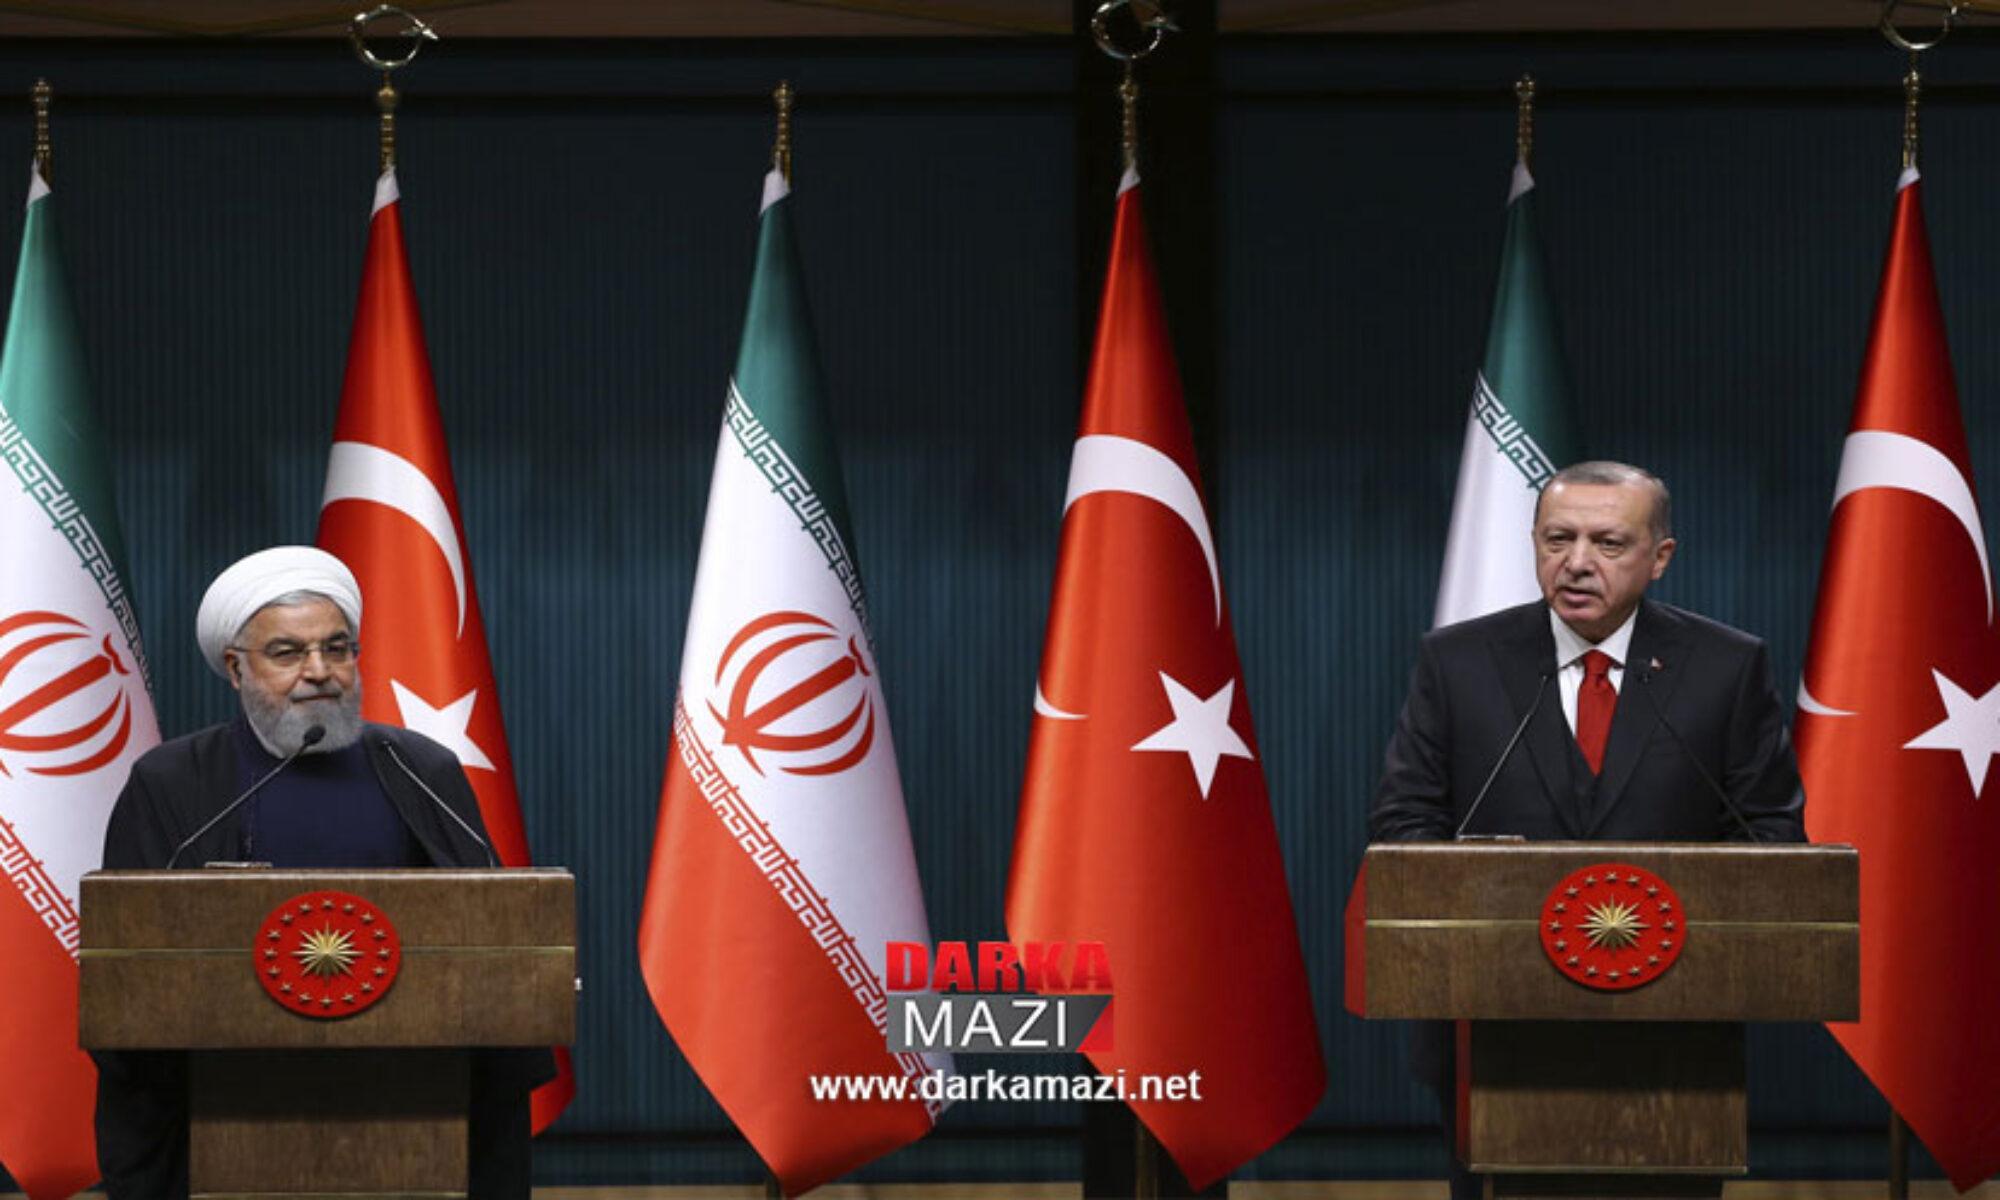 İran ve Türkiye arasında soğuk rüzgarlar; İran'da Türk Büyükelçisini Dışişleri Bakanlığına çağırdı